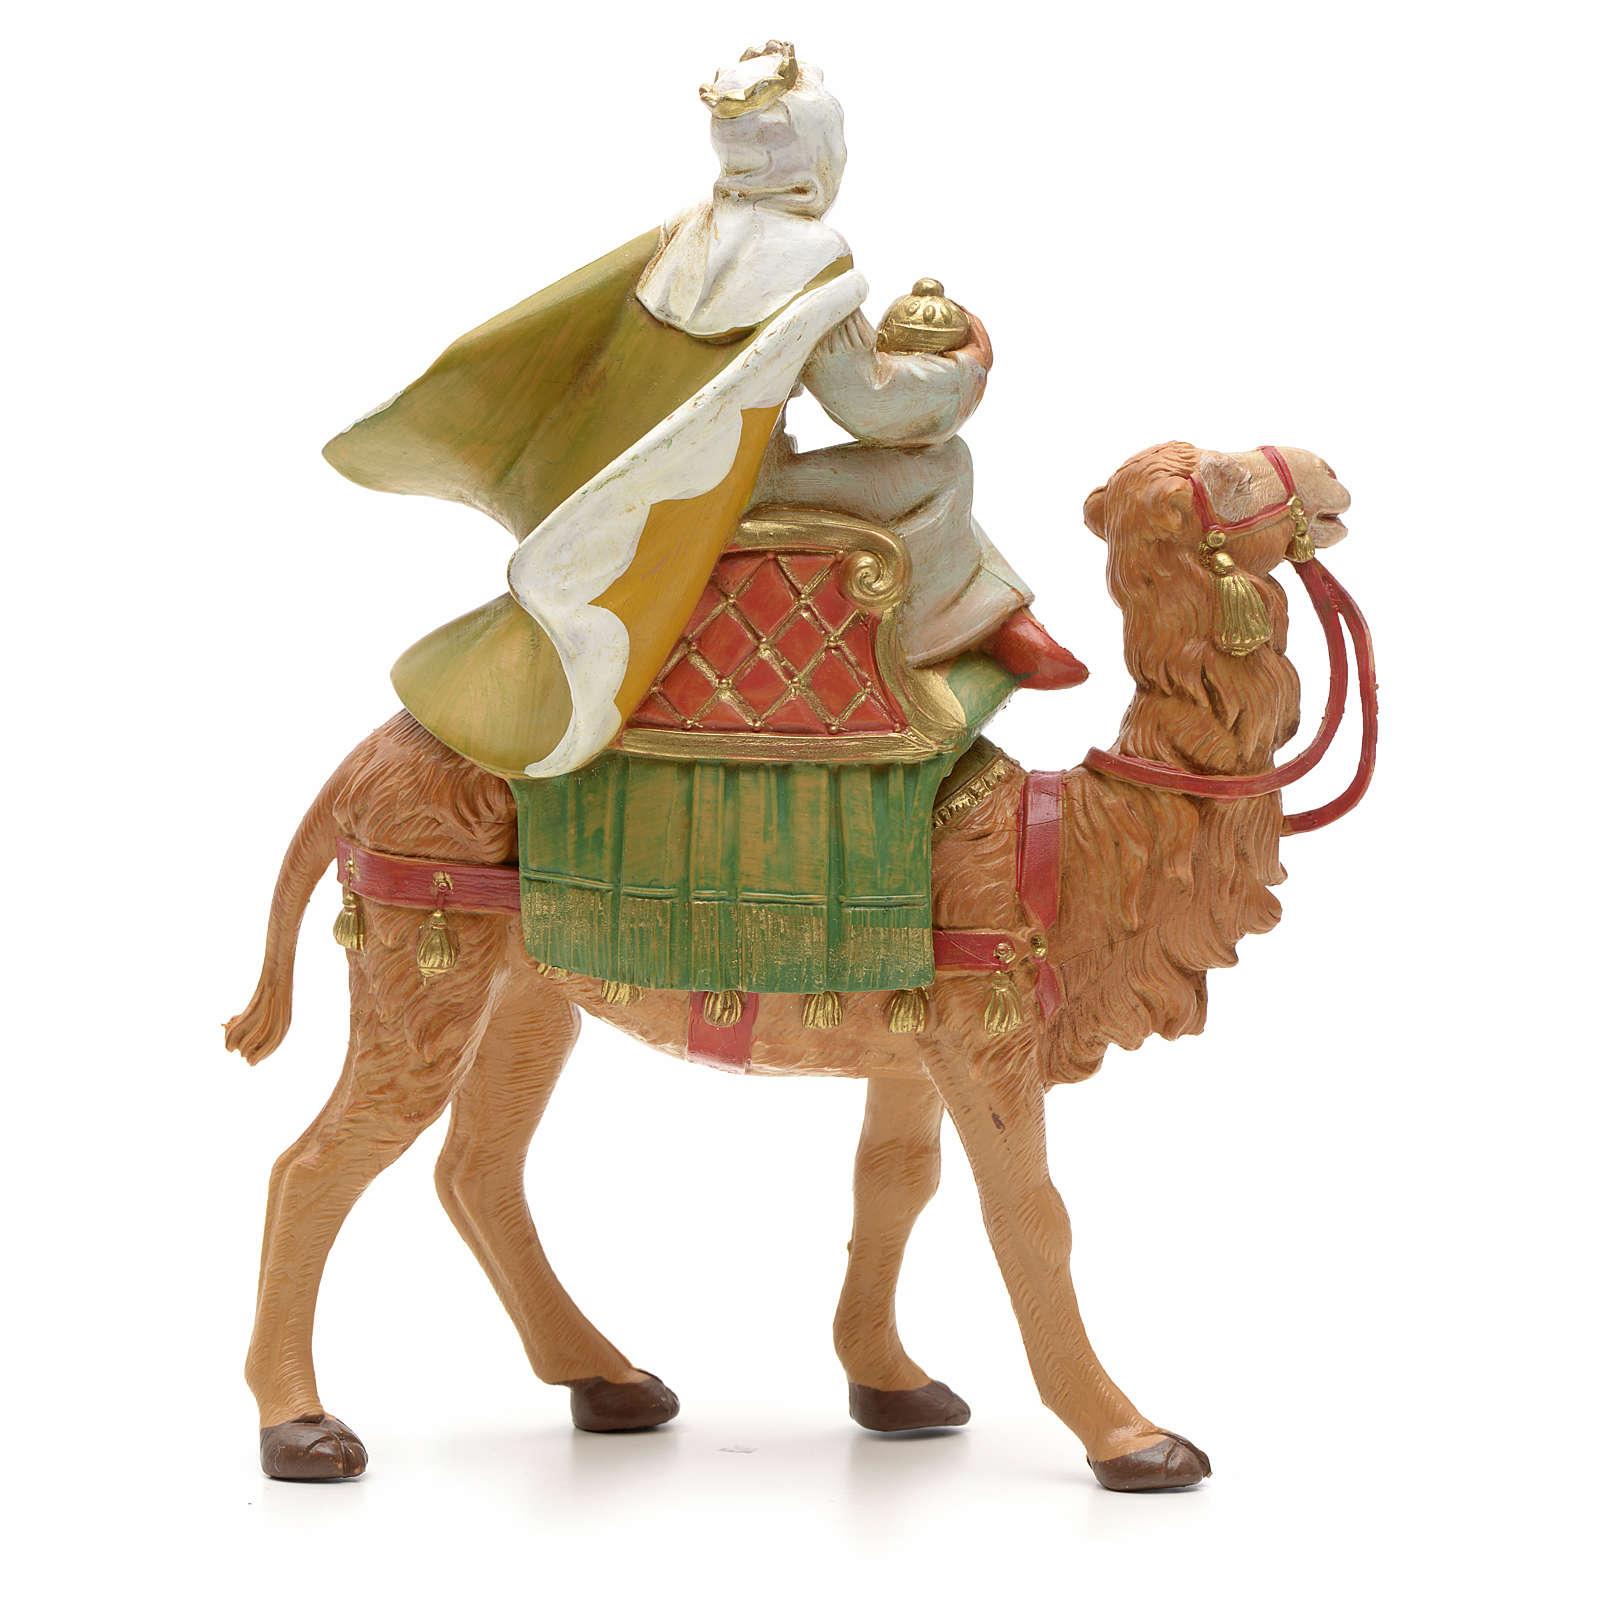 Dunkelkönig Kamel 12 cm Fontanini 4